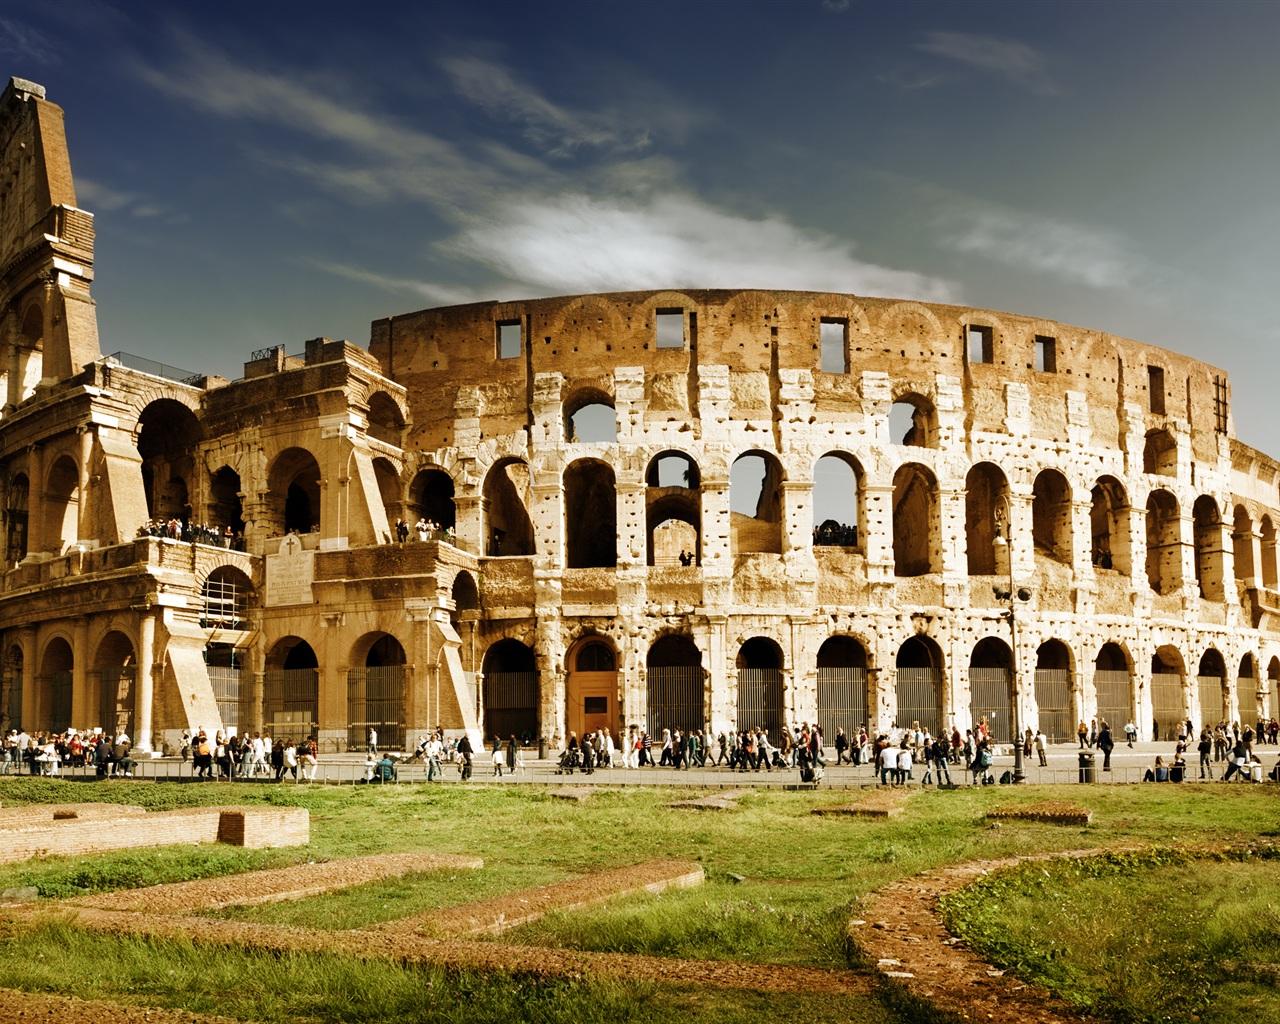 コロッセオの画像 p1_39